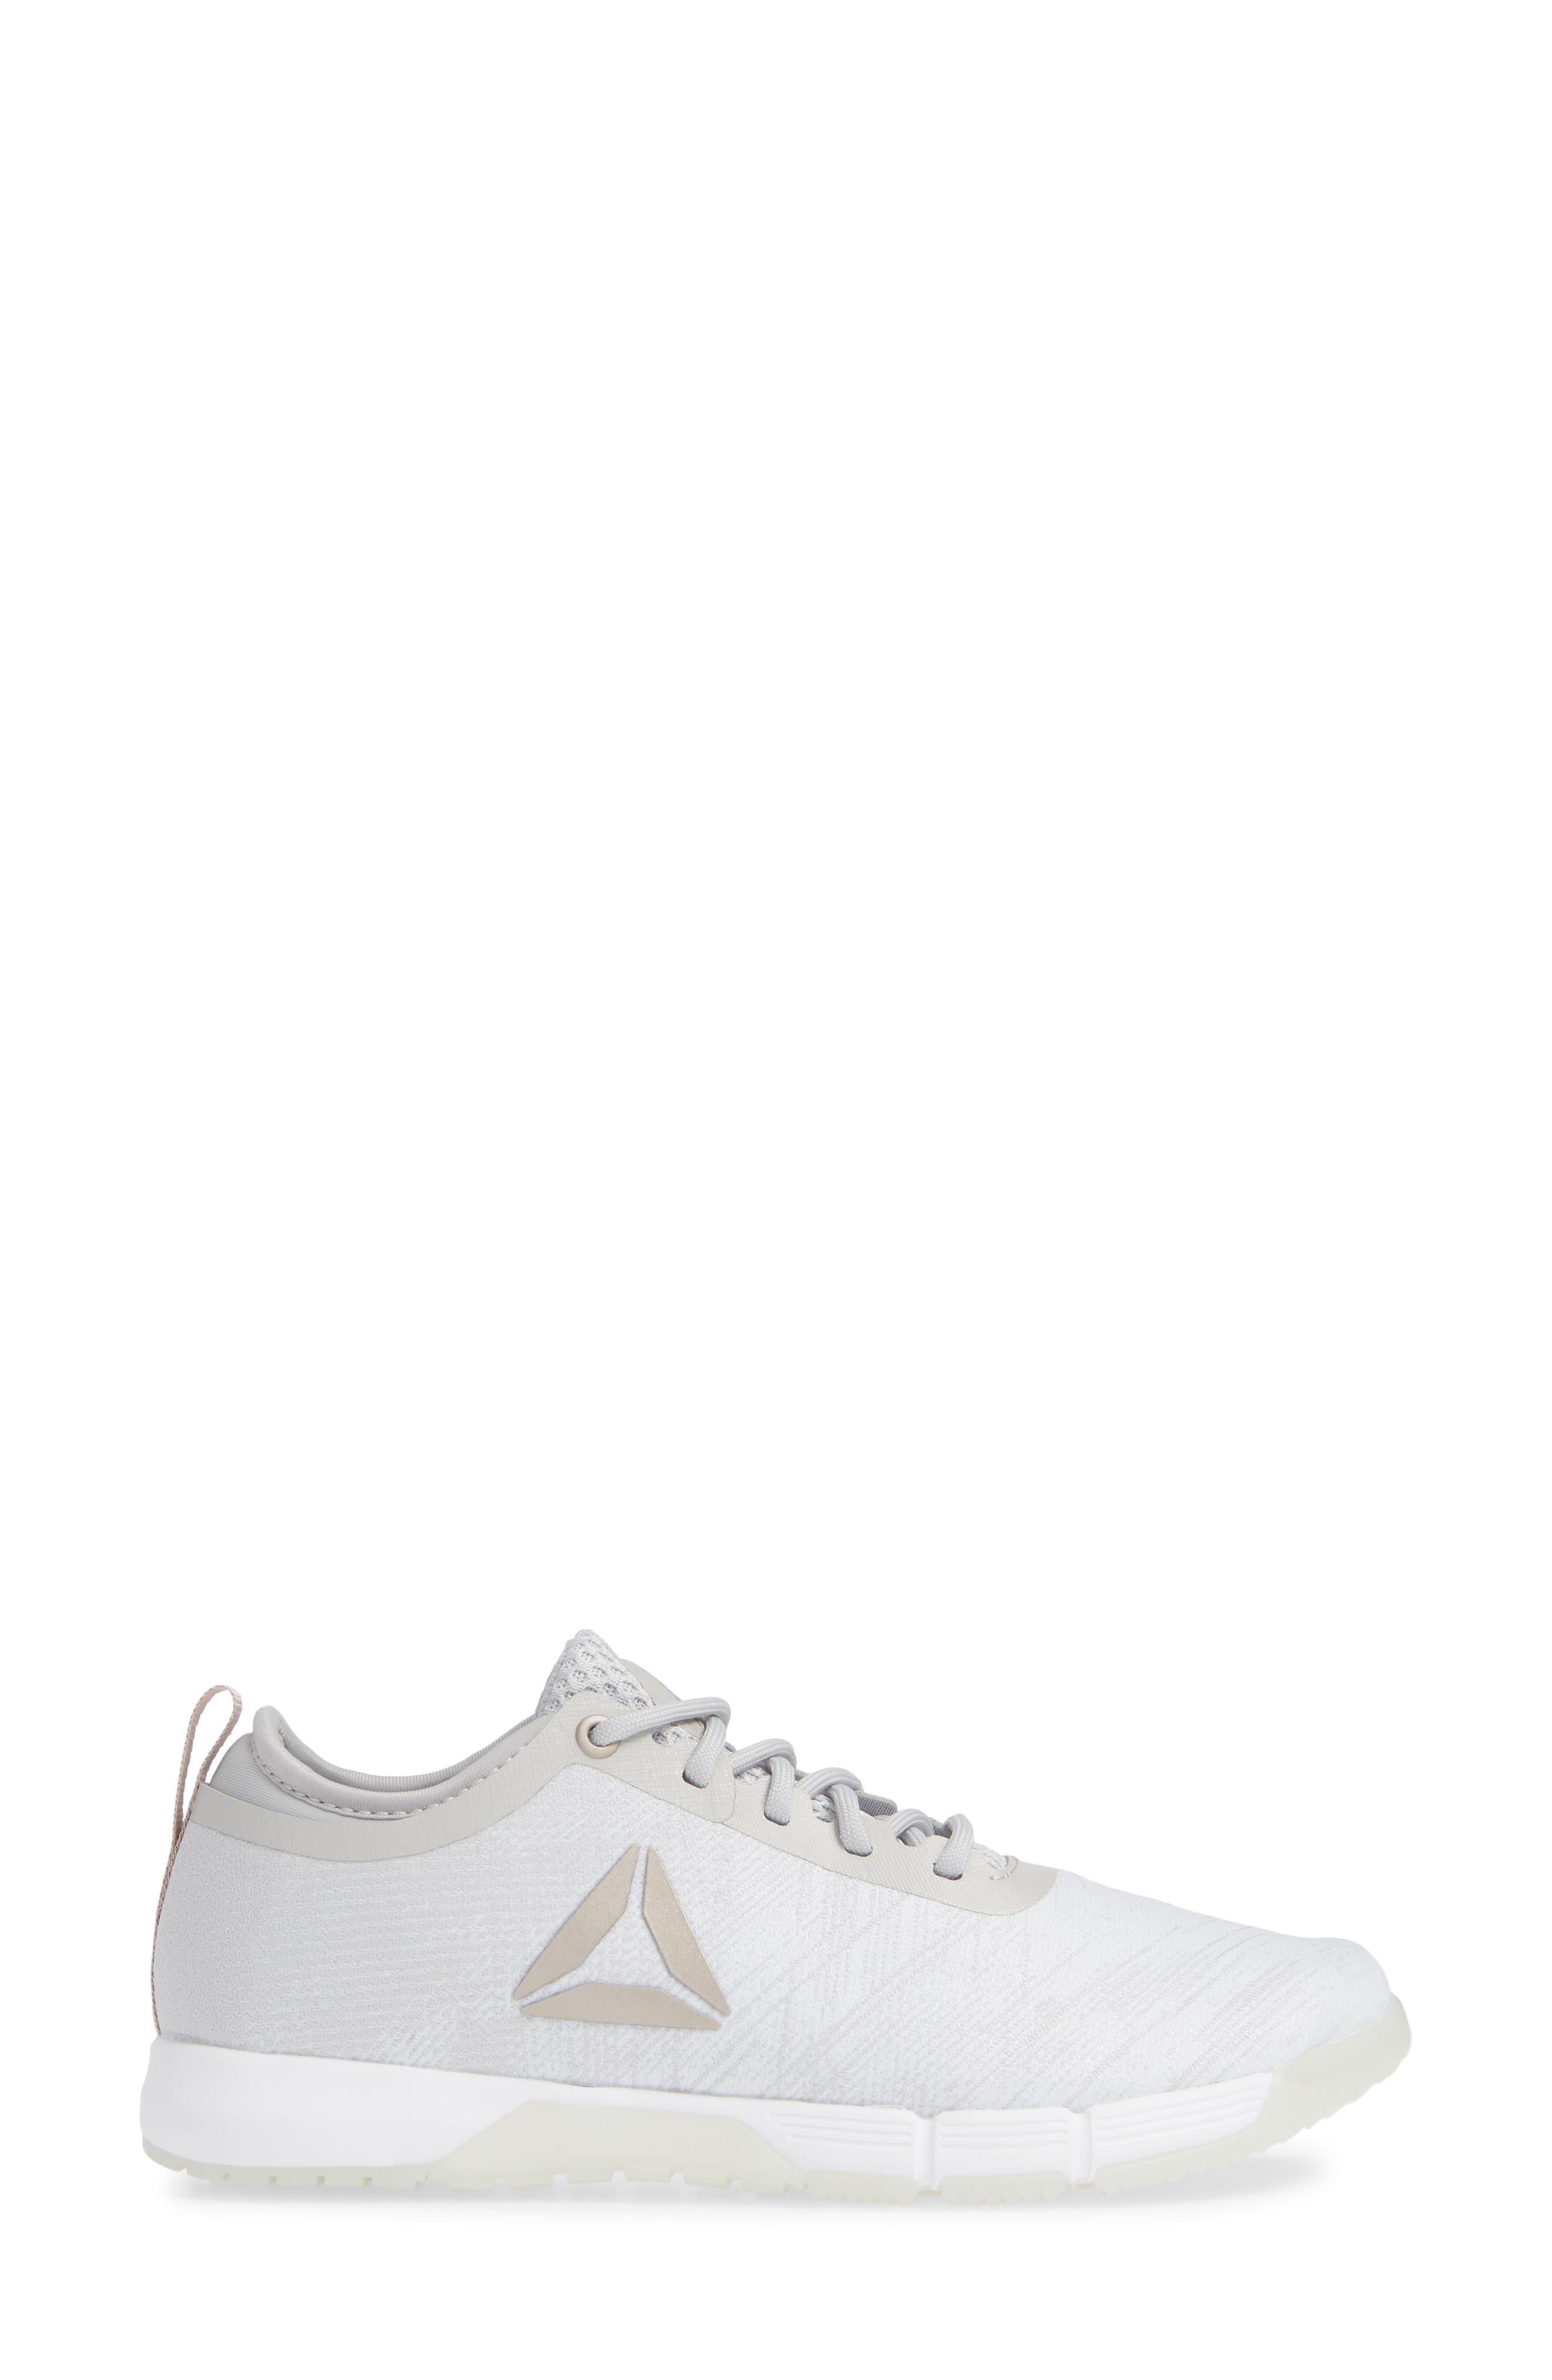 Speed Her TR Training Shoe,                             Alternate thumbnail 3, color,                             WHITE/ SPIRIT WHITE/ MOONDUST